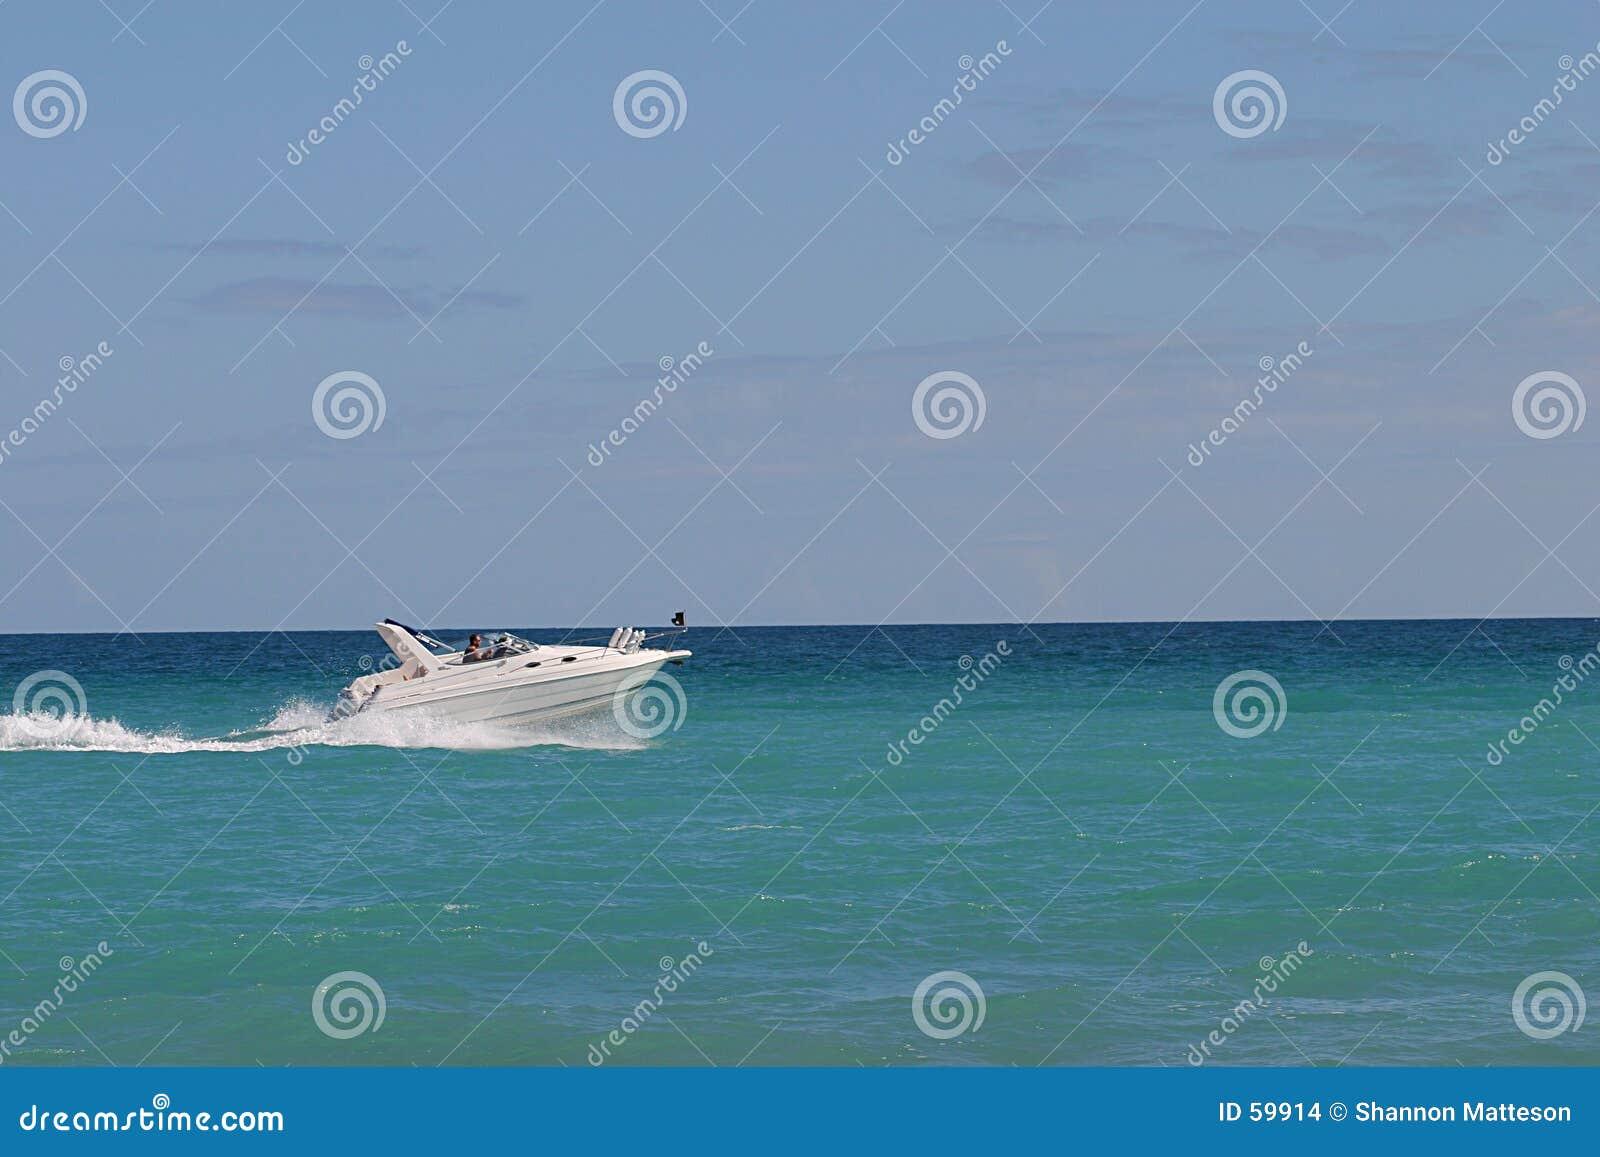 Download Bateau à grande vitesse photo stock. Image du fond, ciel - 59914